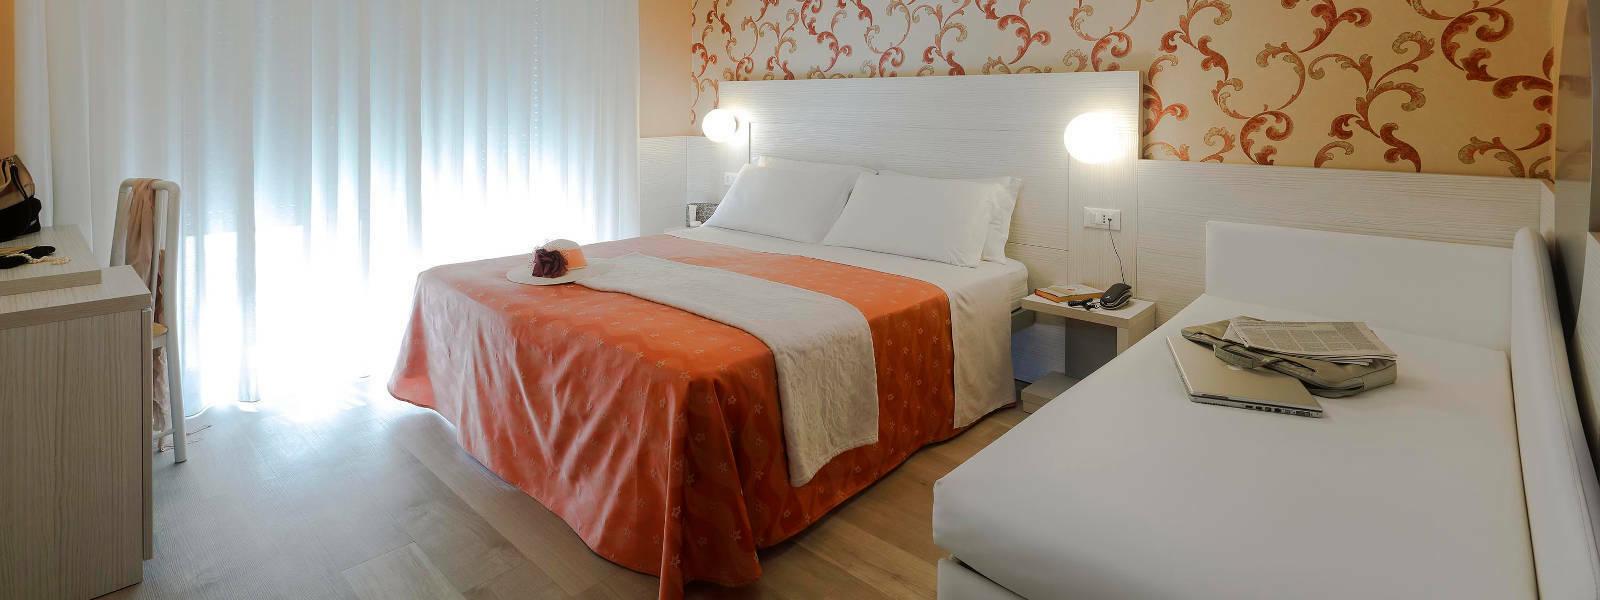 Camera Hotel Ombretta Mare Letto e Divano